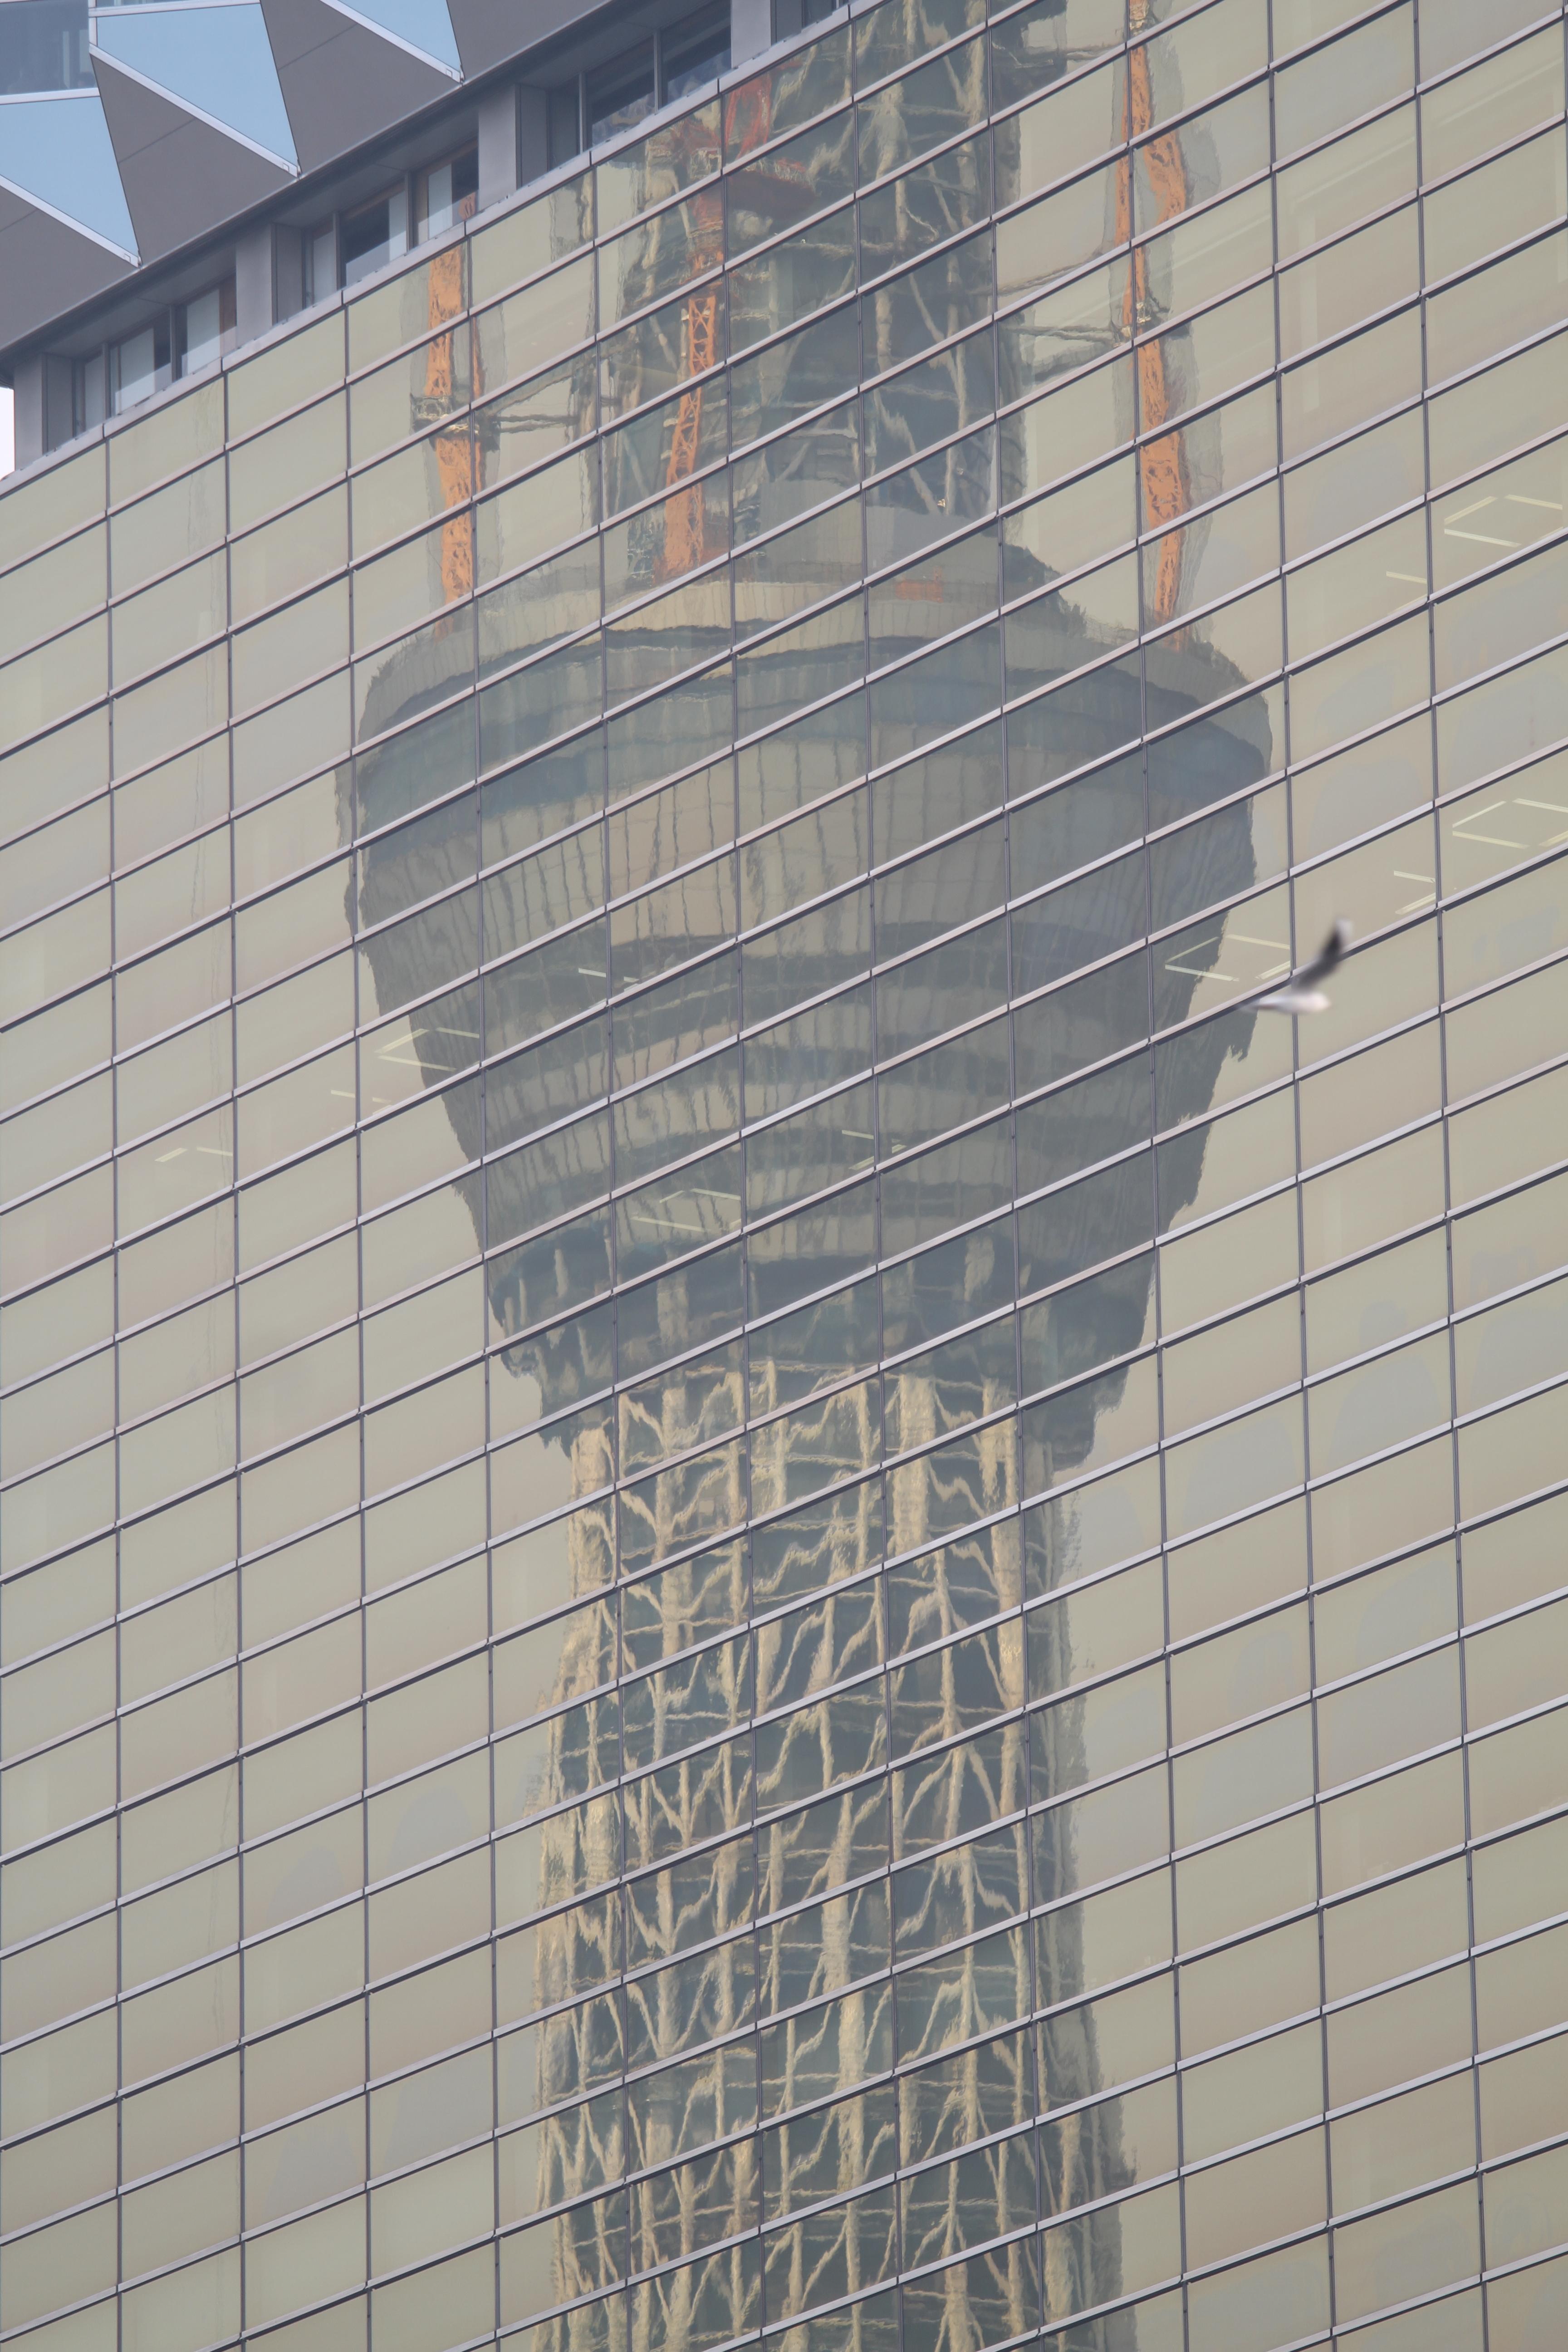 <b>隅田川沿いのビルに東京スカイツリーが写り込むポイントとして有名。ただ、多くの人は吾妻橋やその周辺から眺めるようで、川沿いの遊歩道はそれほど混雑していないので、比較的撮影しやすい。EOS 7D / EF 70-200mm F4 L IS USM / 3,456×5,184 / 1/250秒 / F4 / +0.3EV / ISO100 / プログラム / WB:オート / 176mm / 15:28</b>